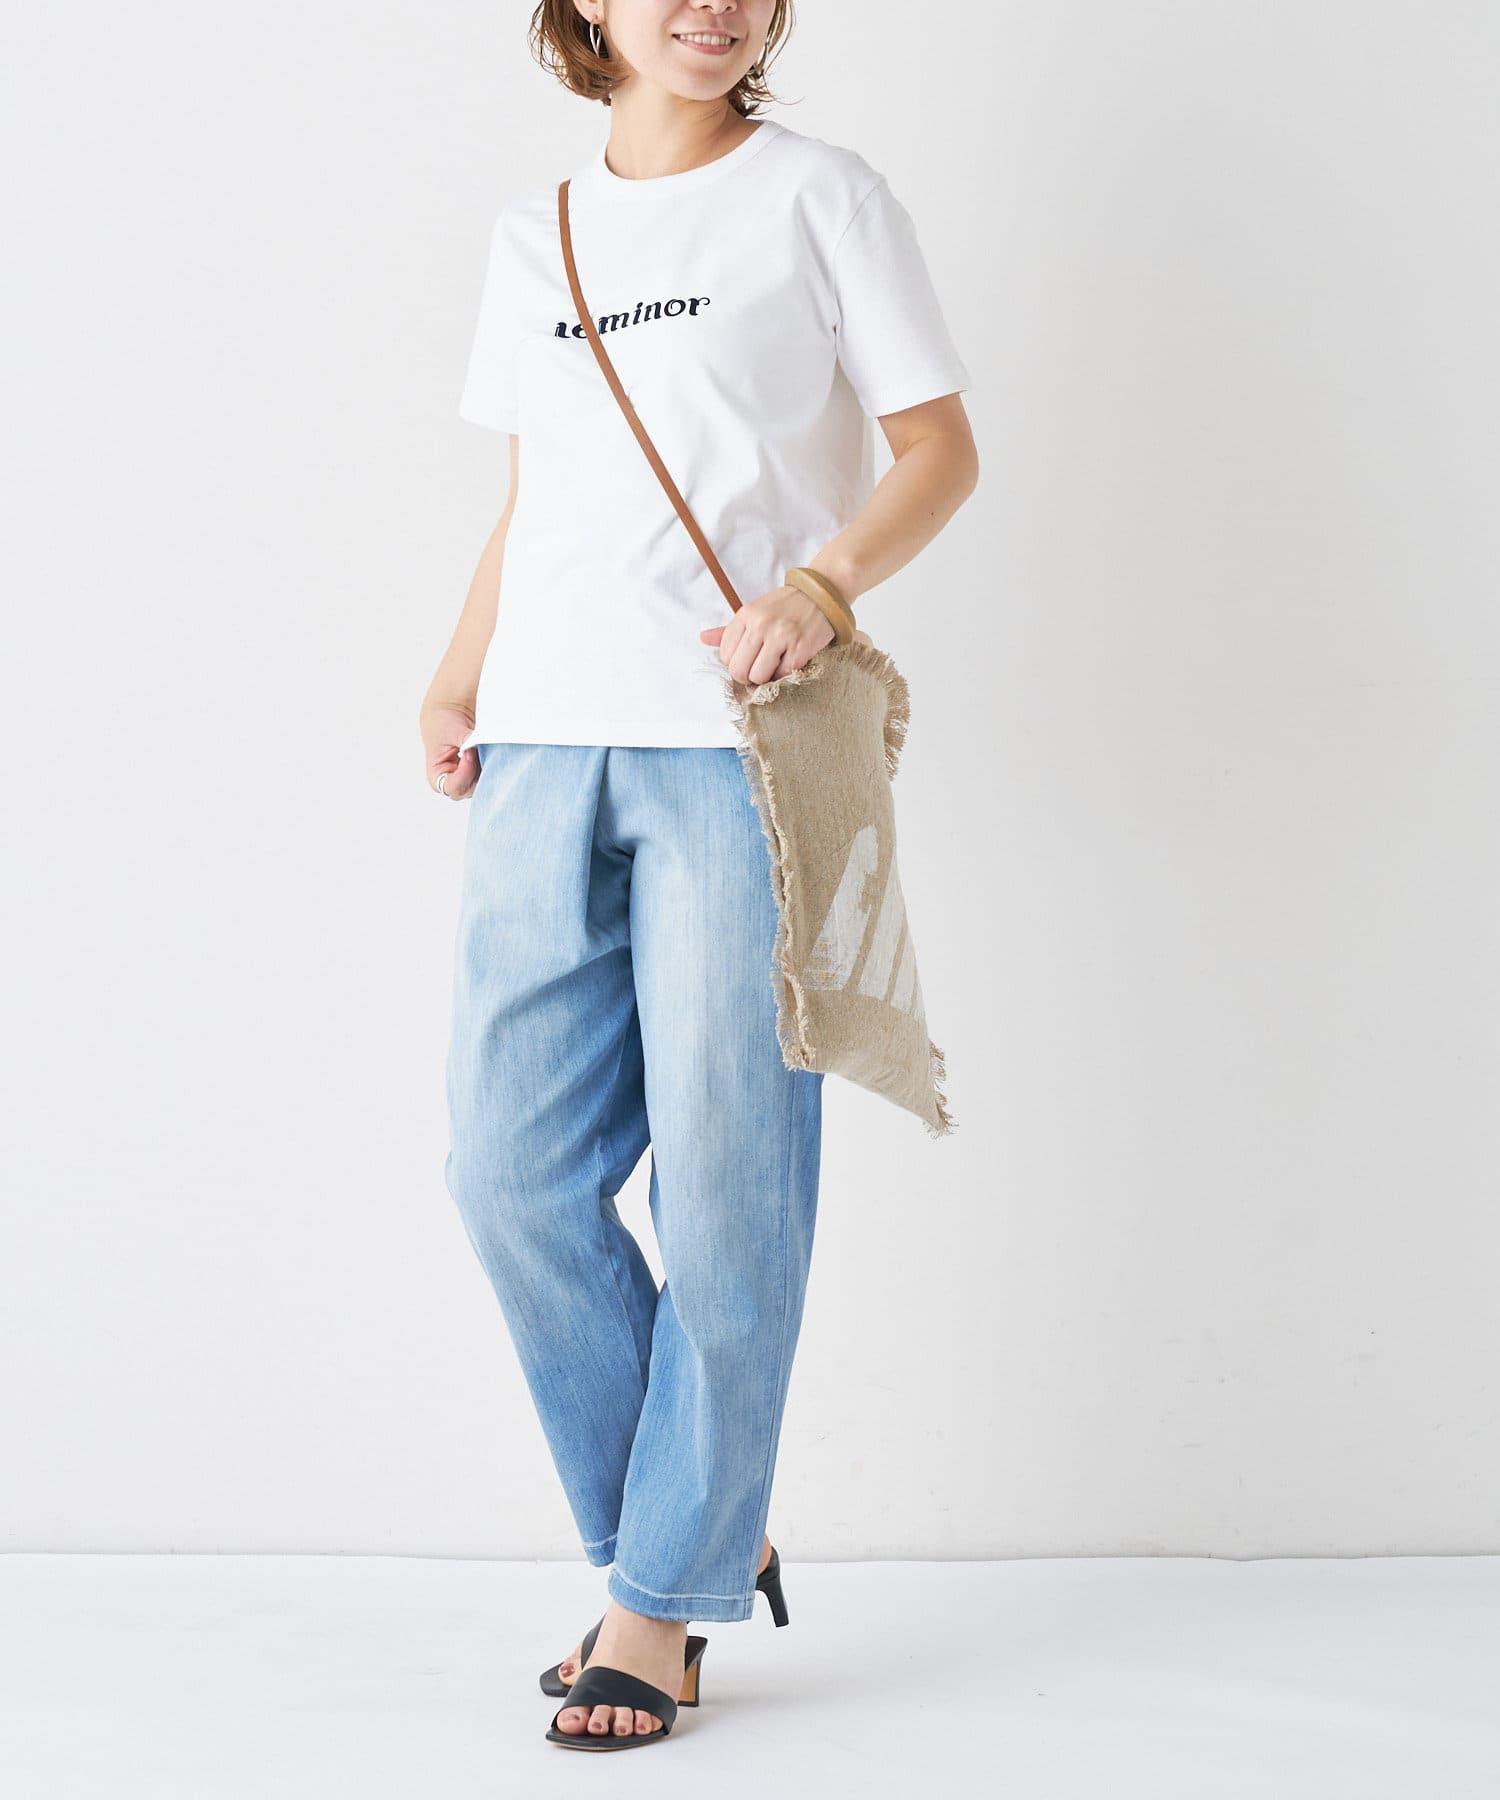 BONbazaar(ボンバザール) 【breezy blue】ウォッシュドリネンショルダーバッグ